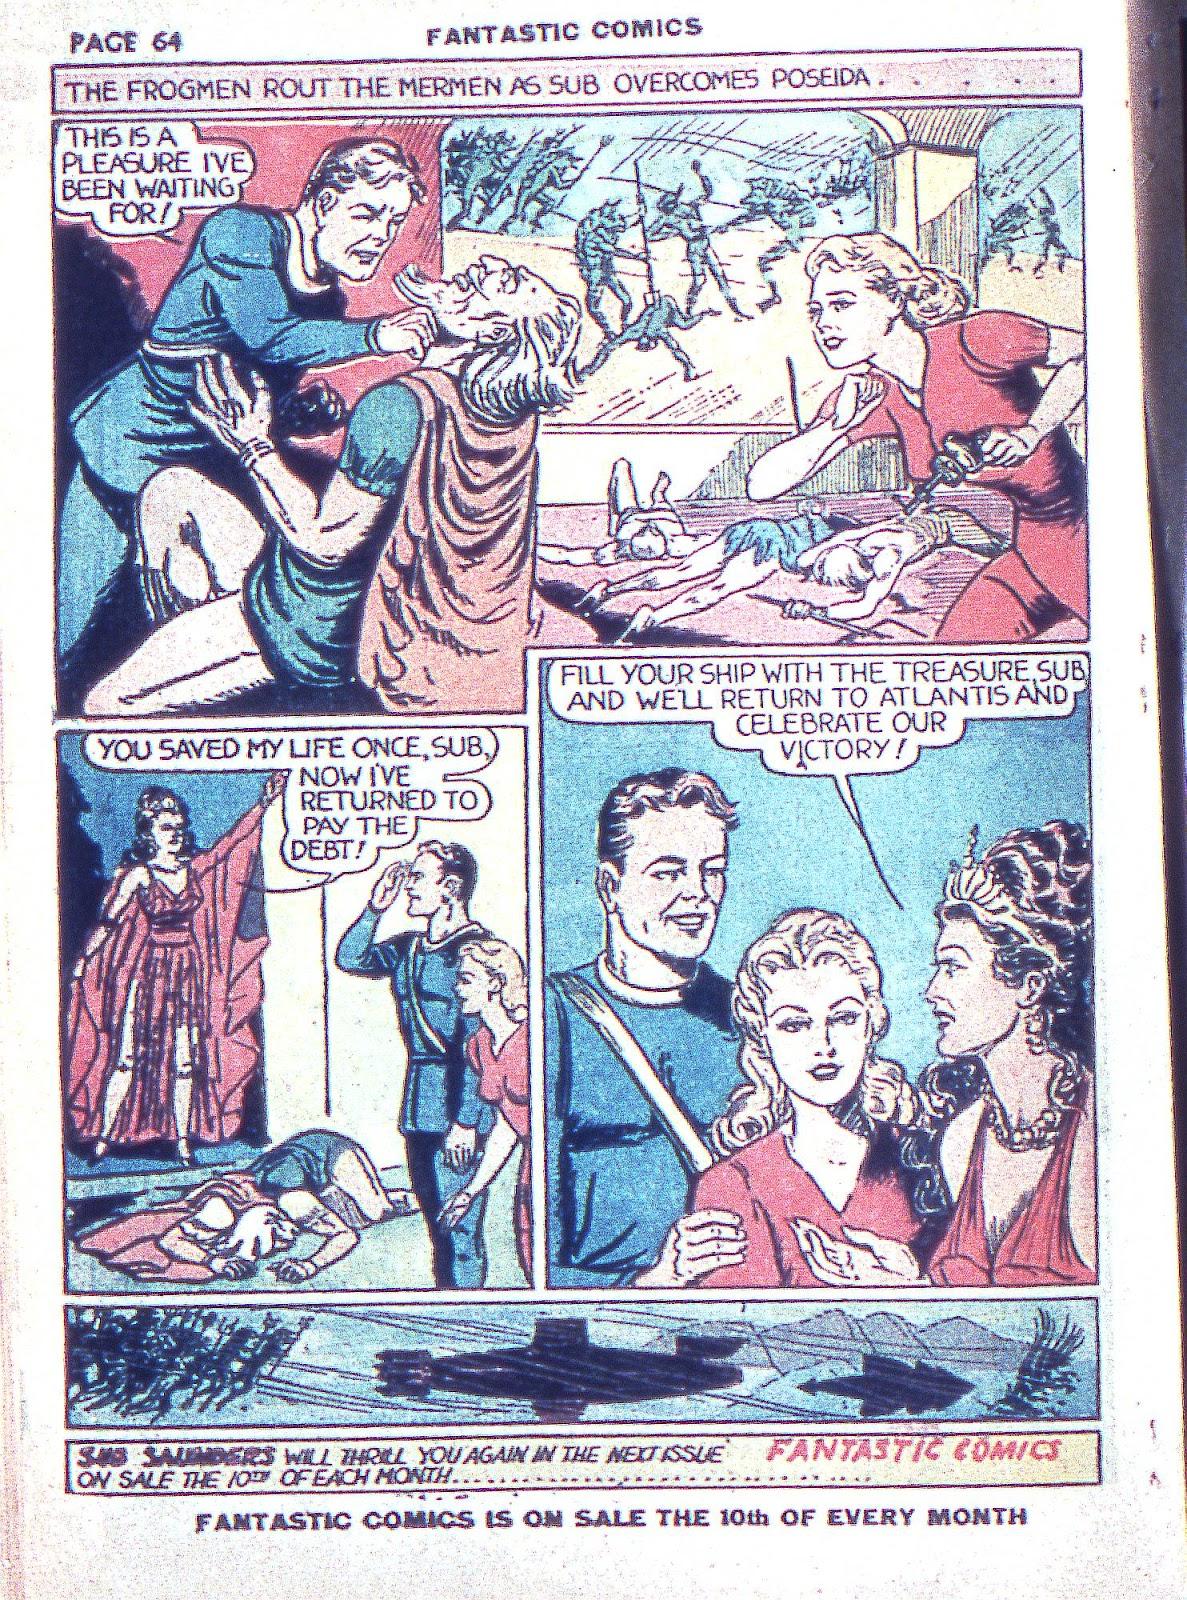 Read online Fantastic Comics comic -  Issue #3 - 66